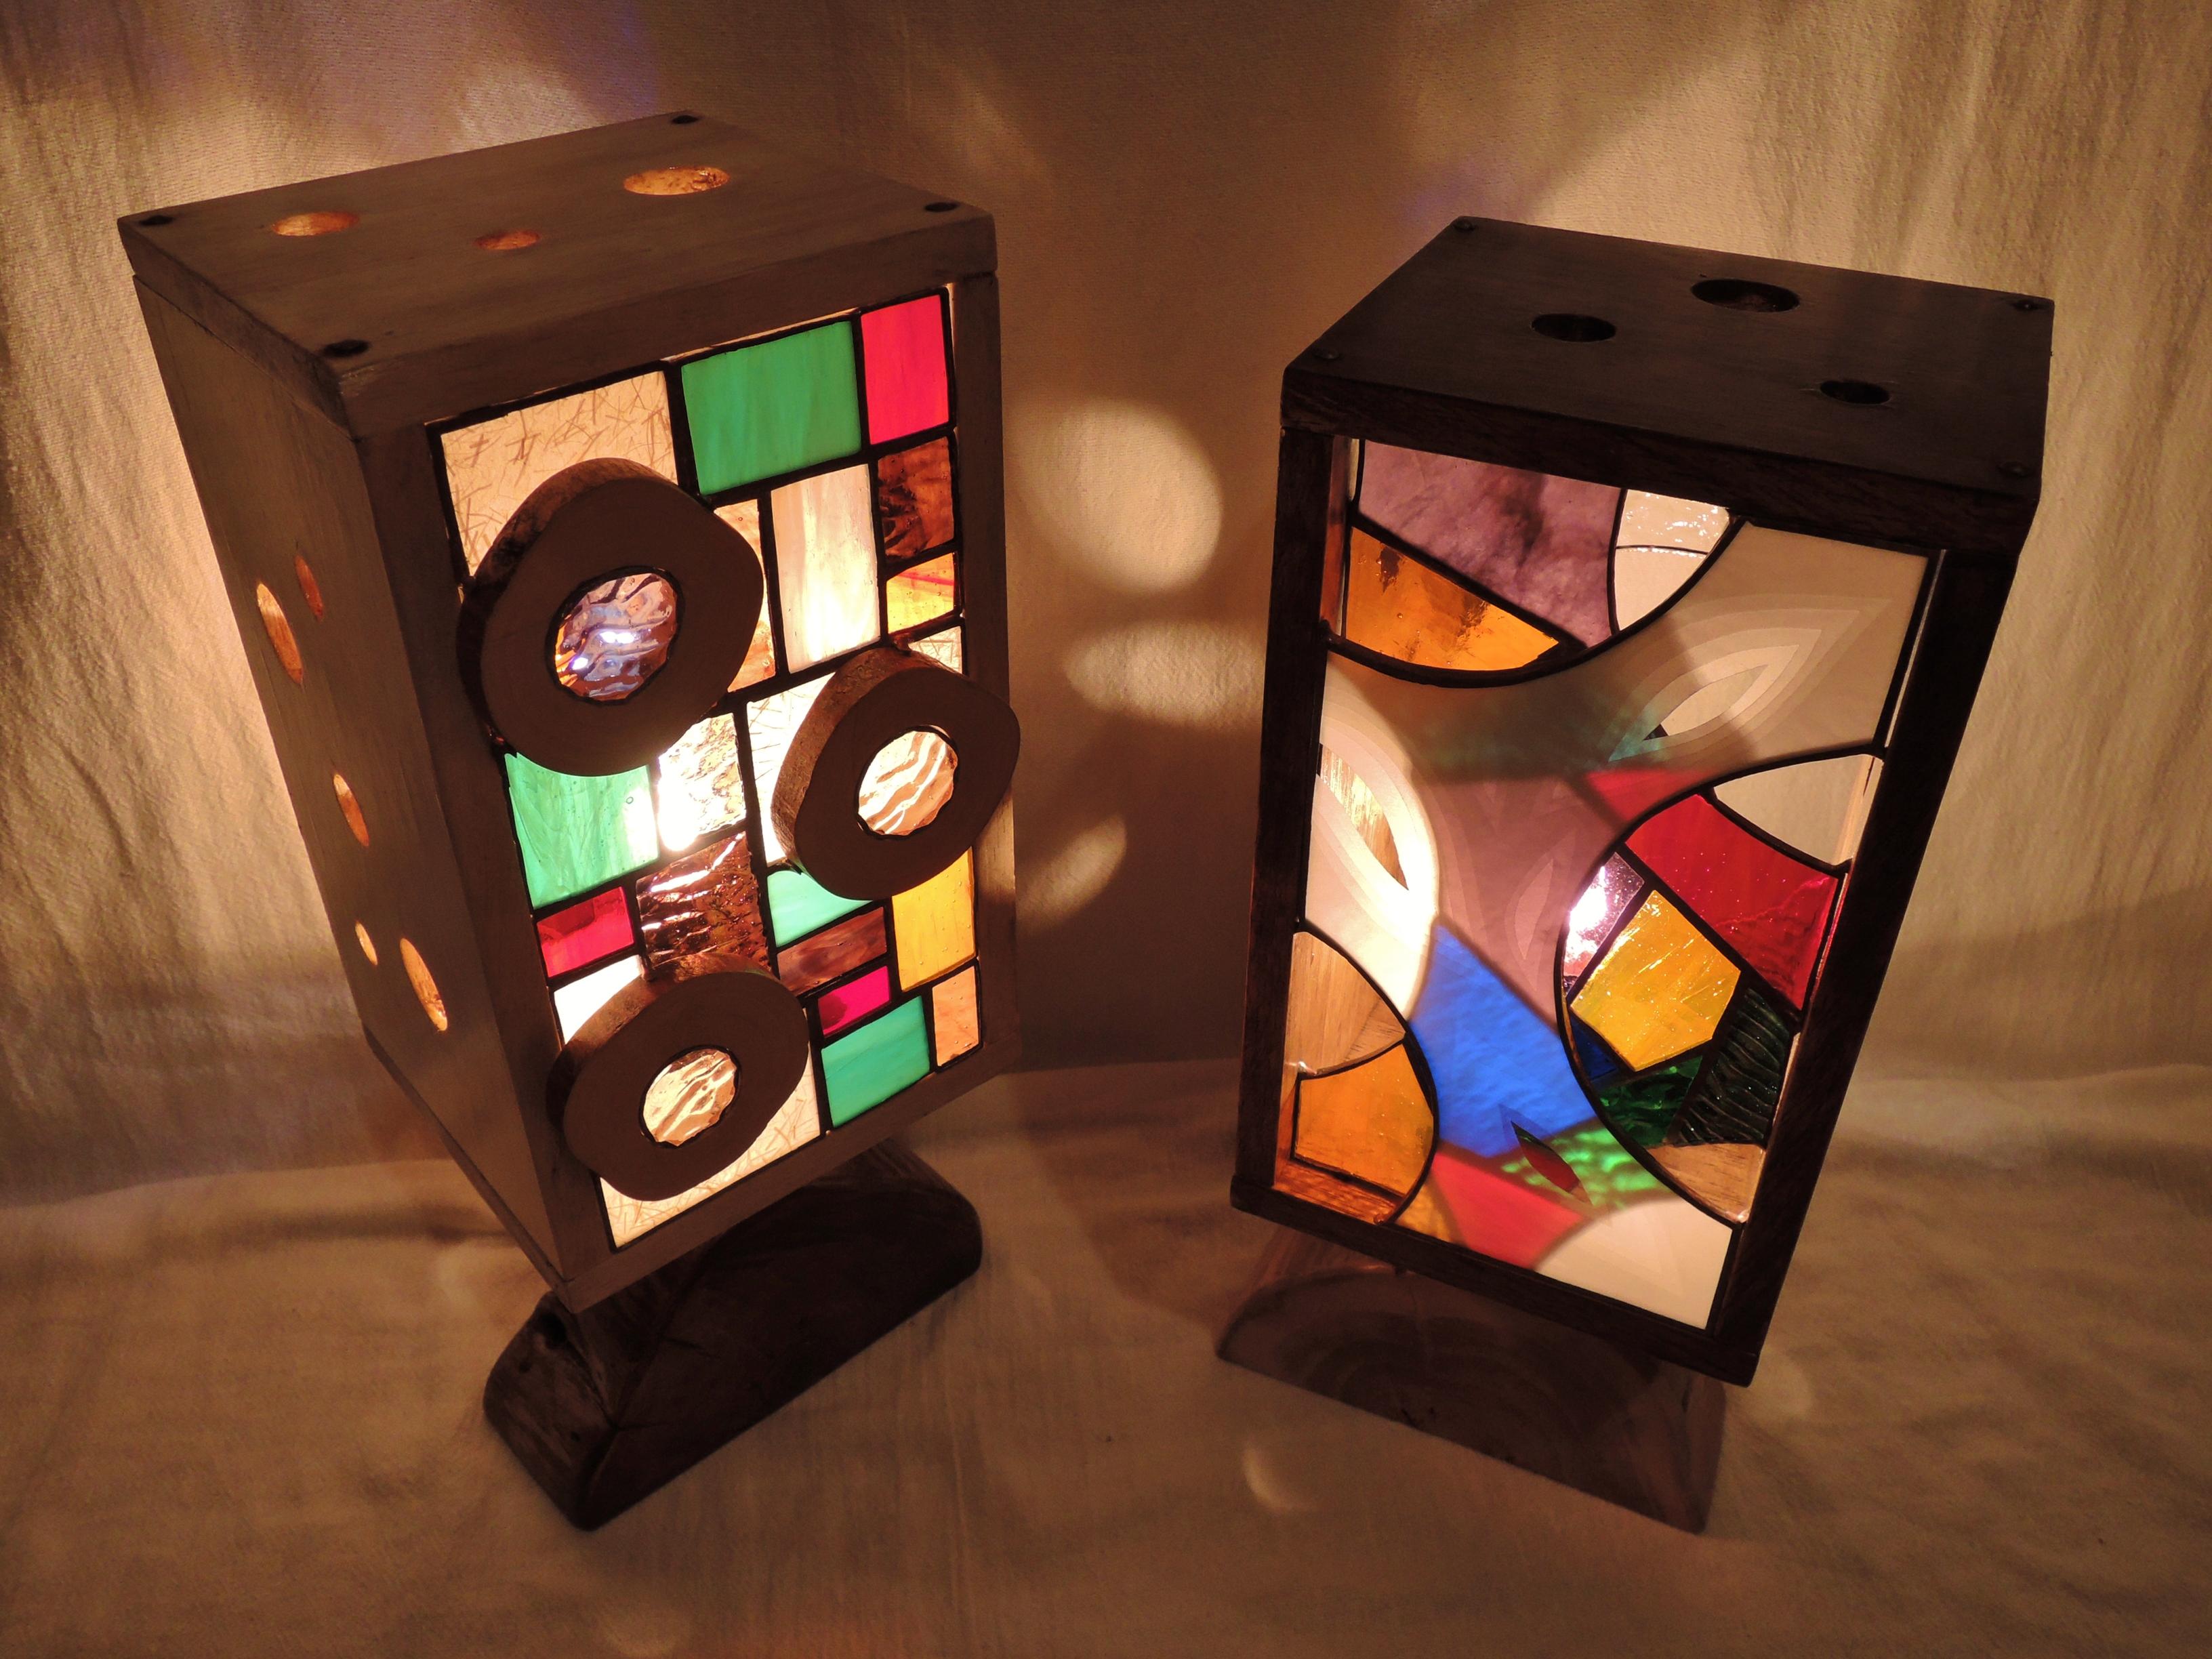 344(スタンド) L sideW16/D14/H39(cm)R side W16/D14/H39(cm) 素材・木・ガラス・紙